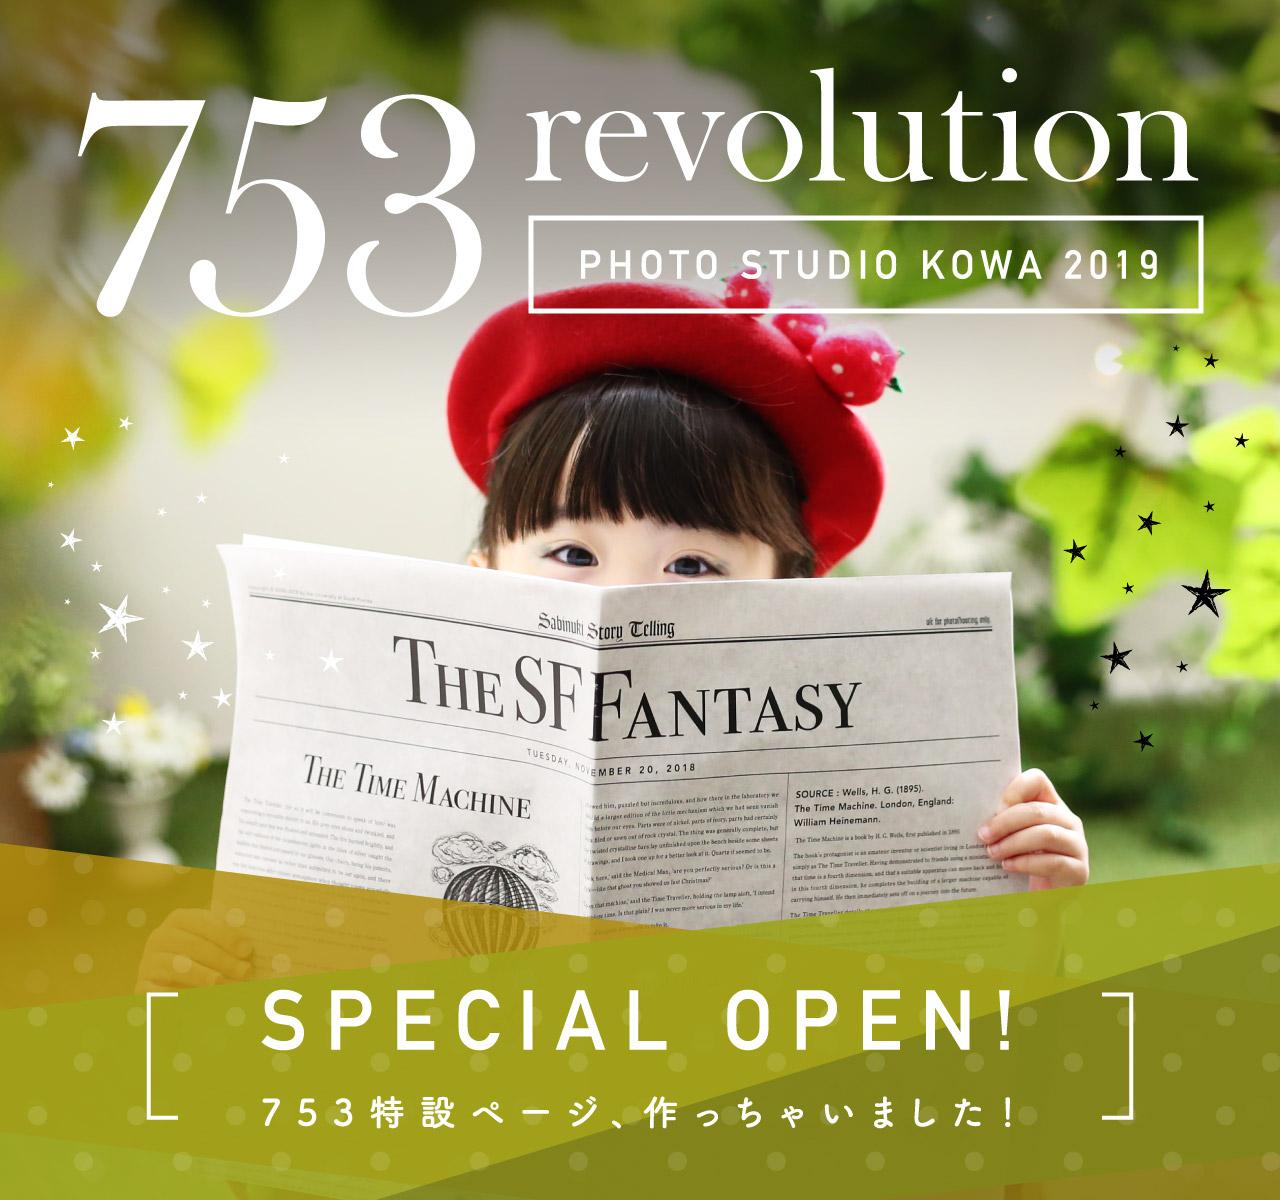 753 revolution SPECIAL OPEN!